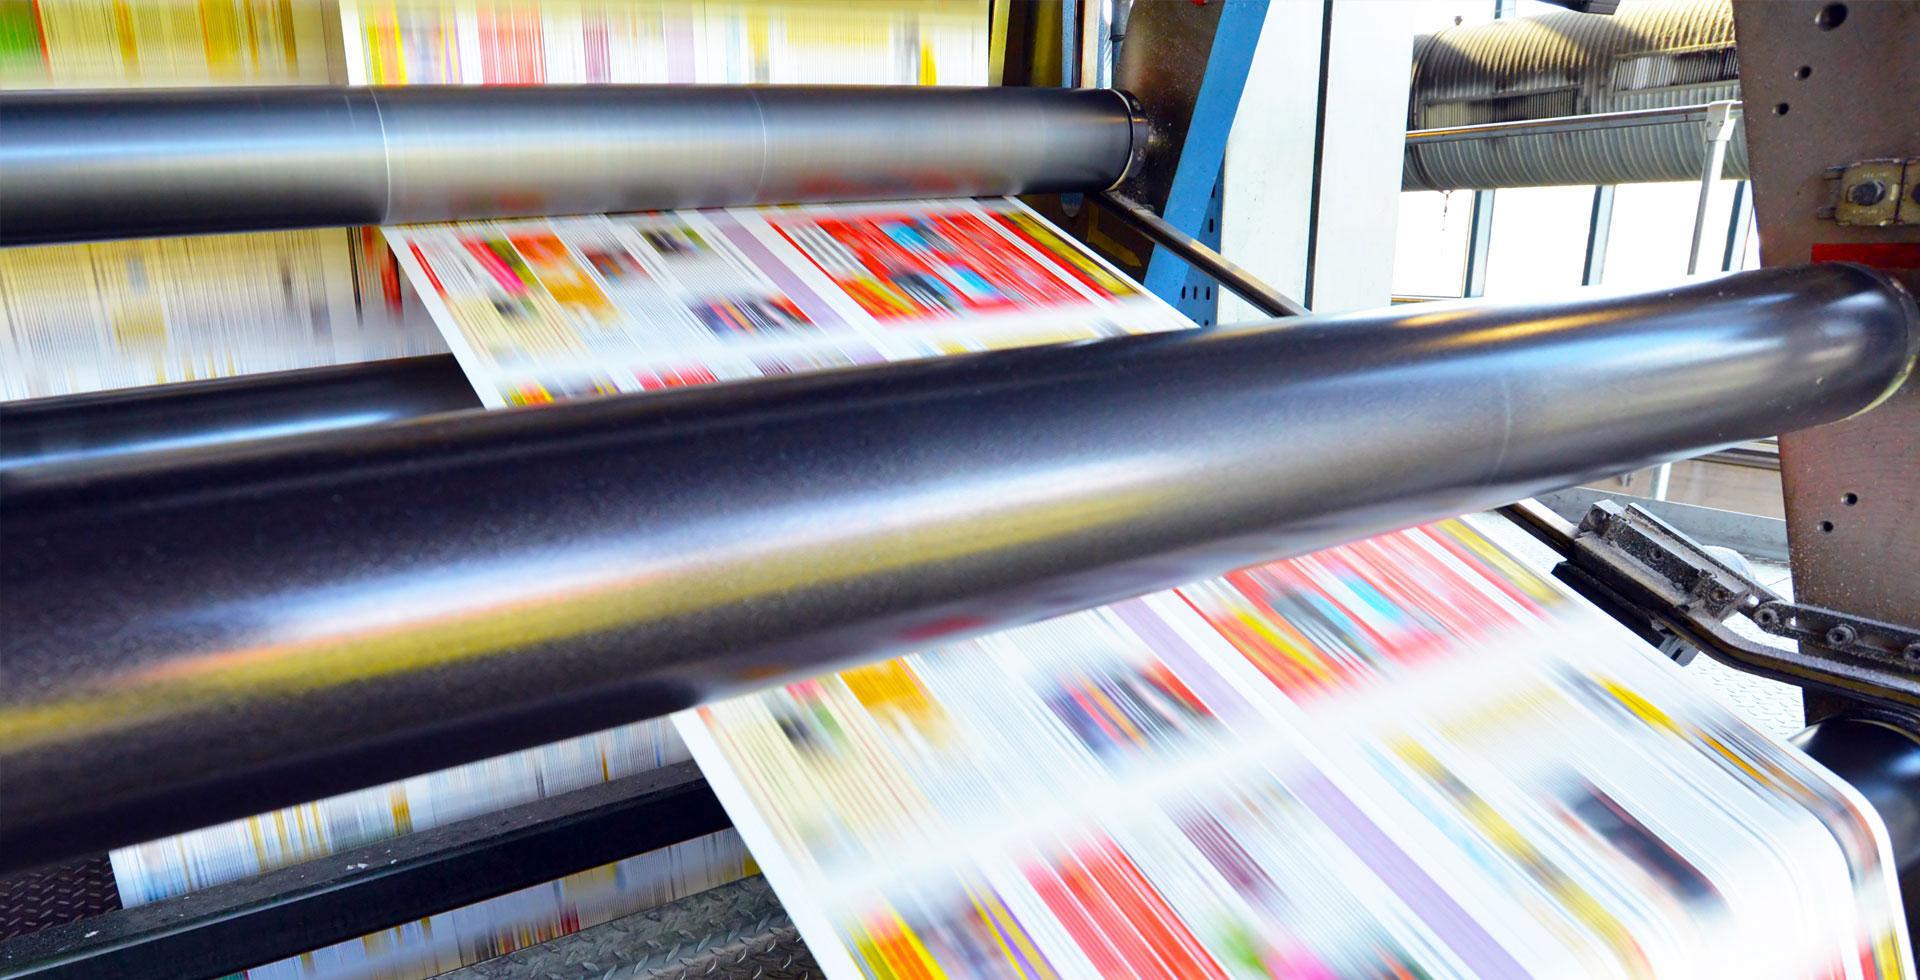 Druckmaschine Druckproduktion Bild 02